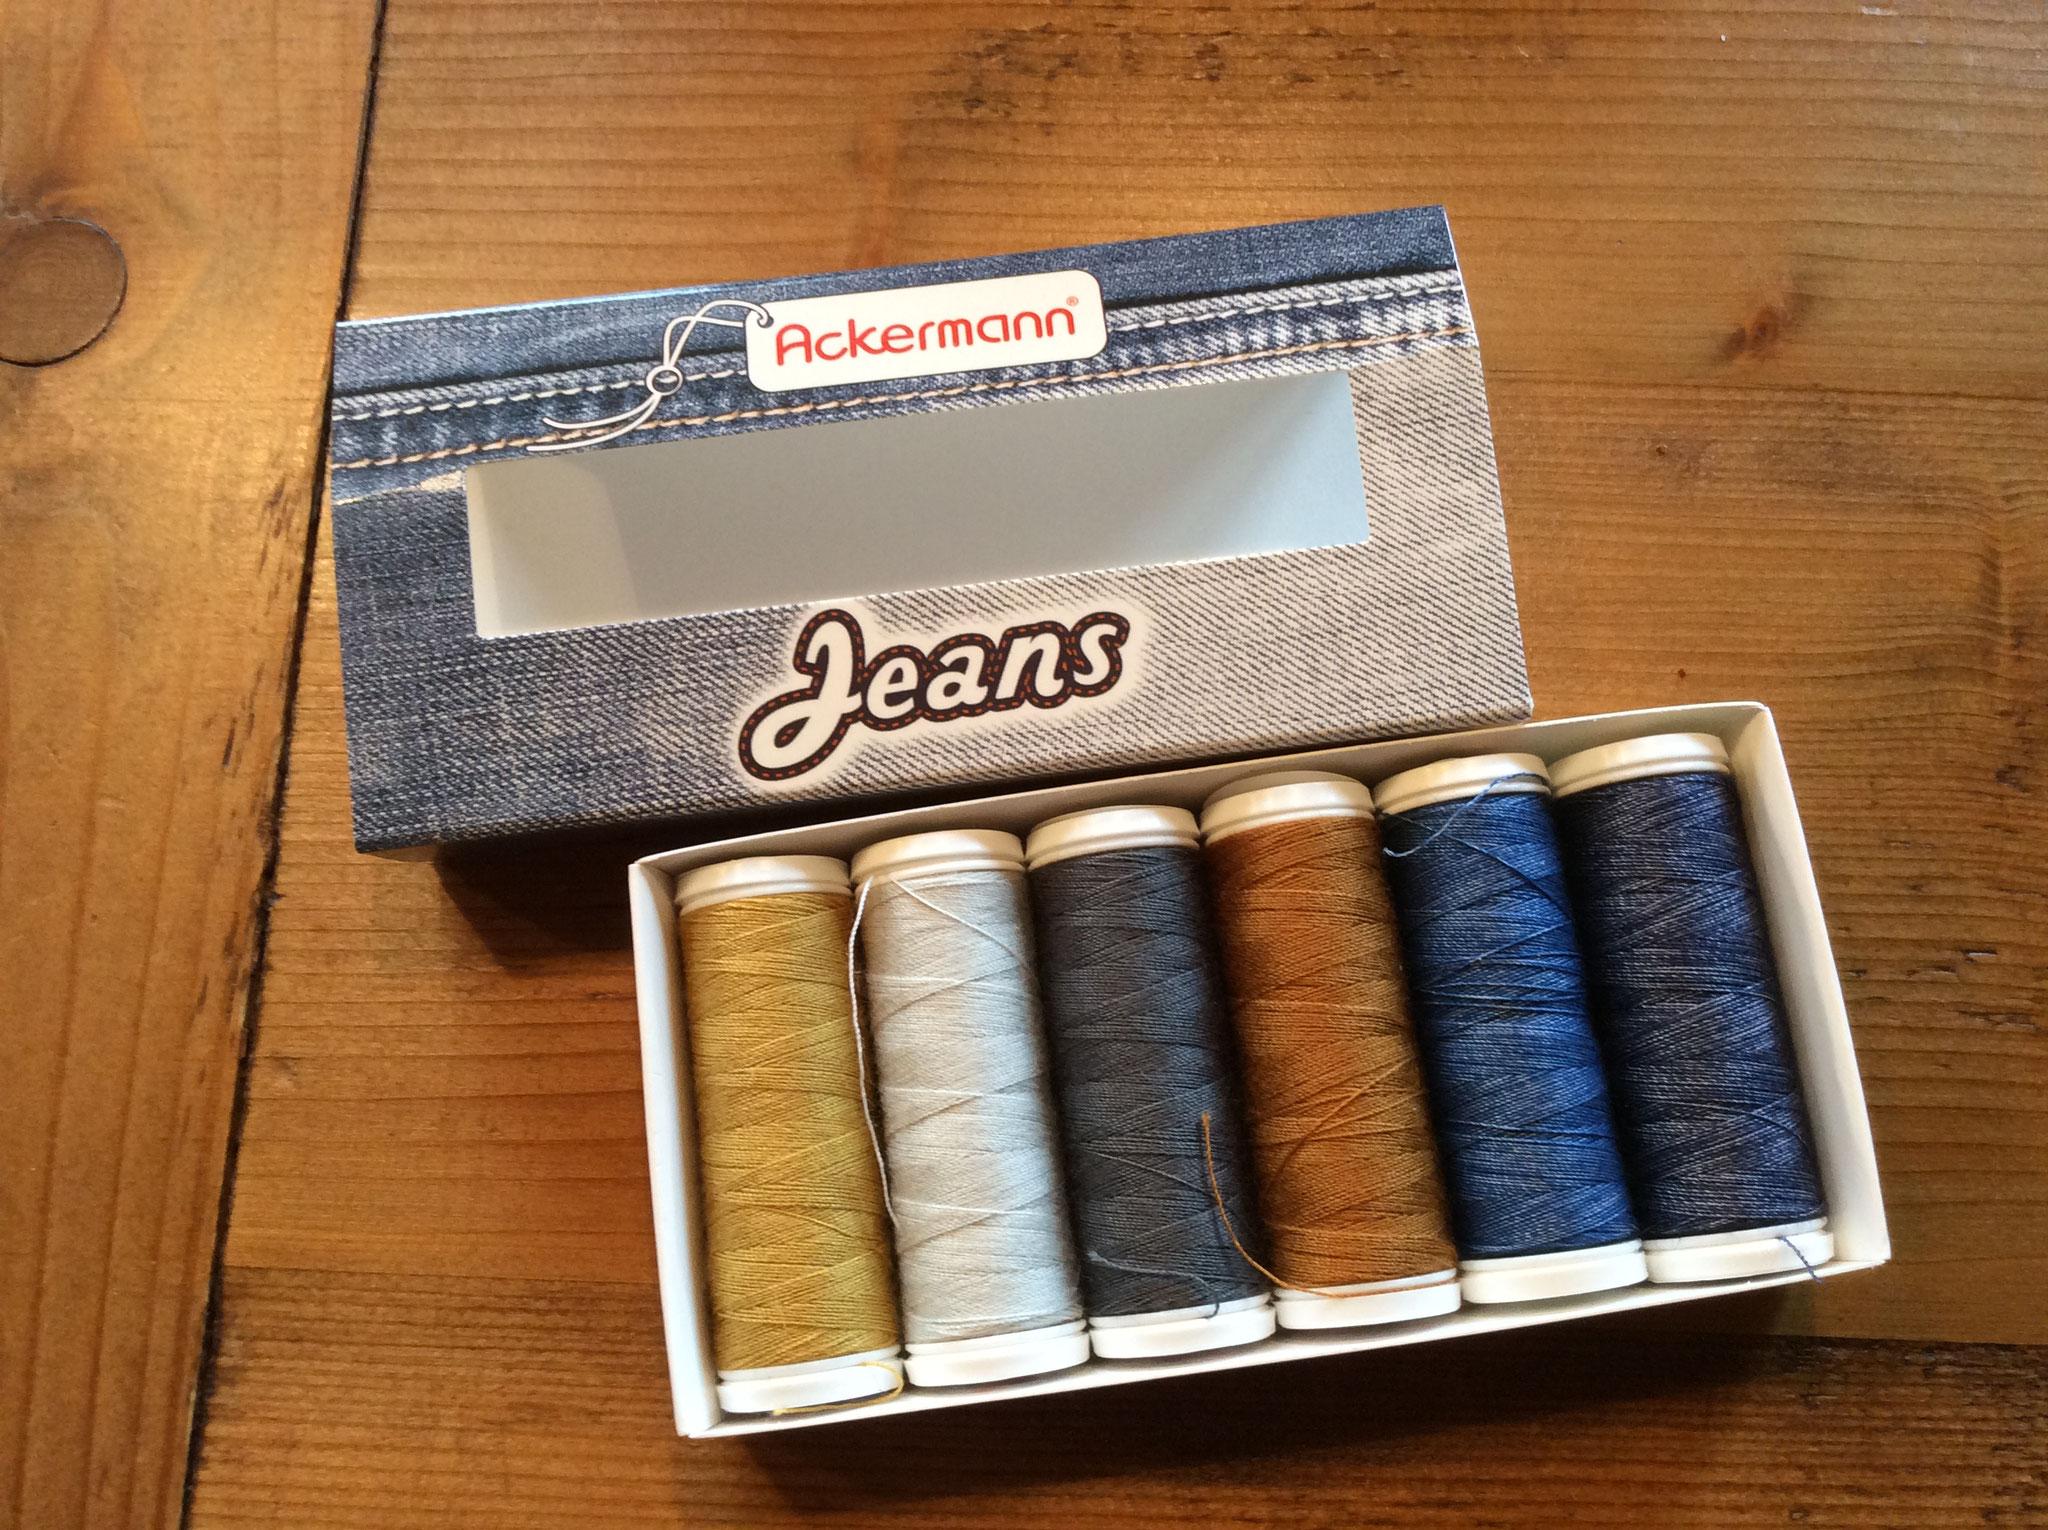 Jeansgarn von Ackermann